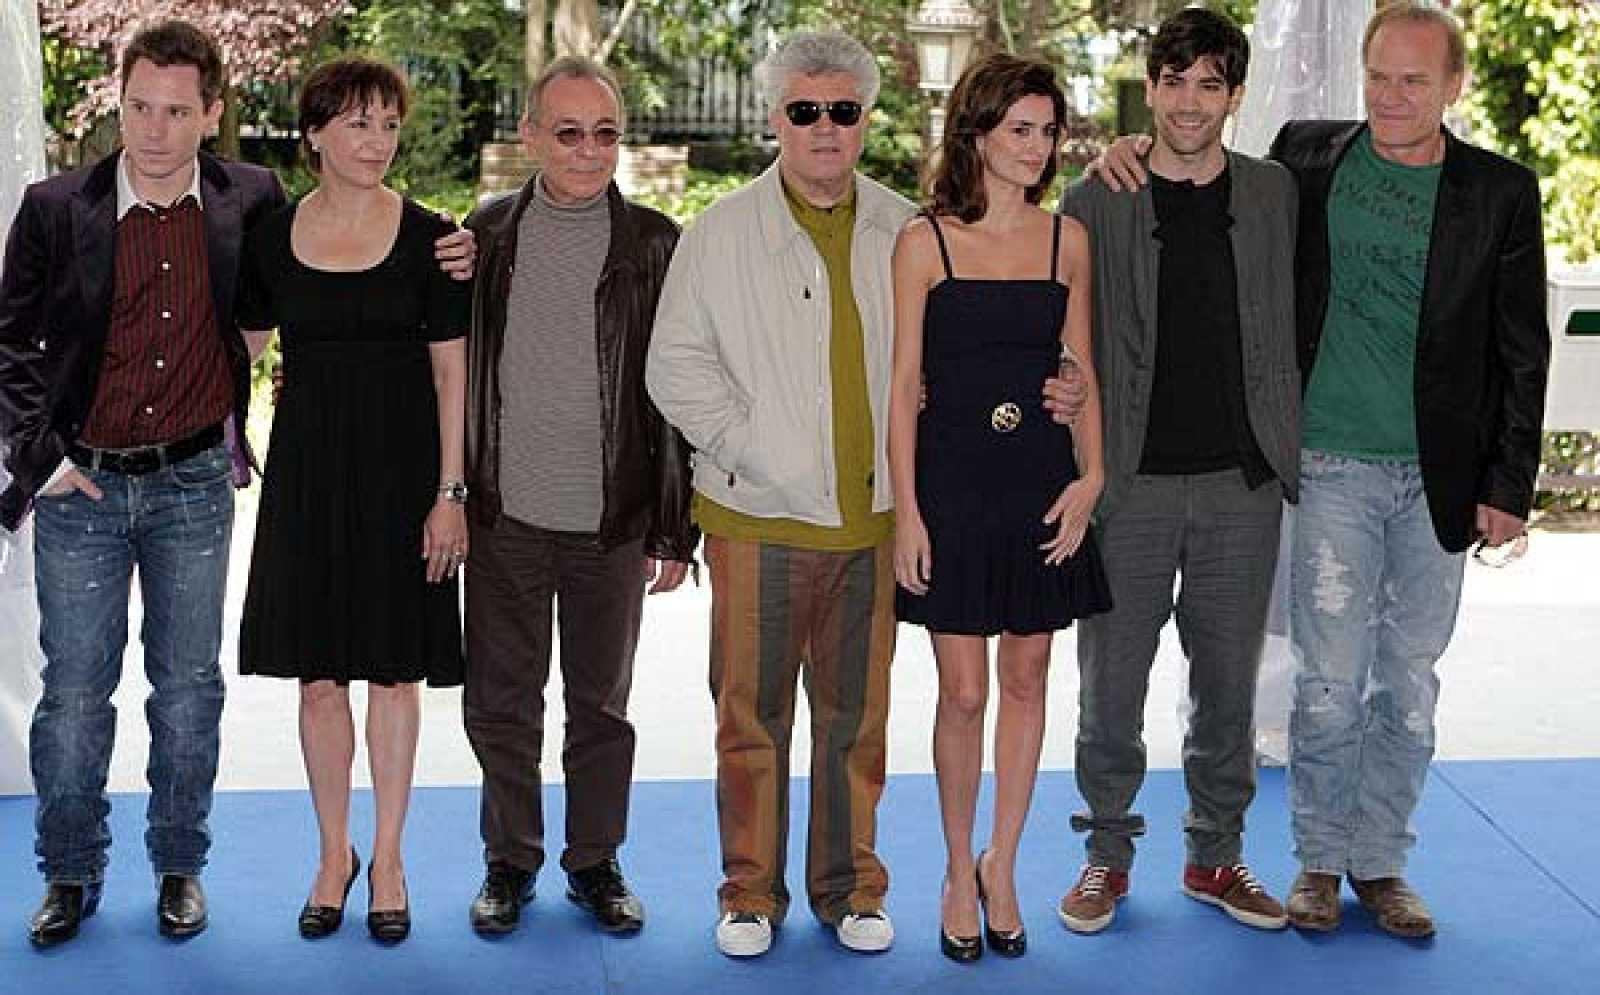 """El director manchego Pedro Almodóvar ha comenzado el rodaje de """"Los abrazos rotos"""" en Lanzarote (26/05/08)."""